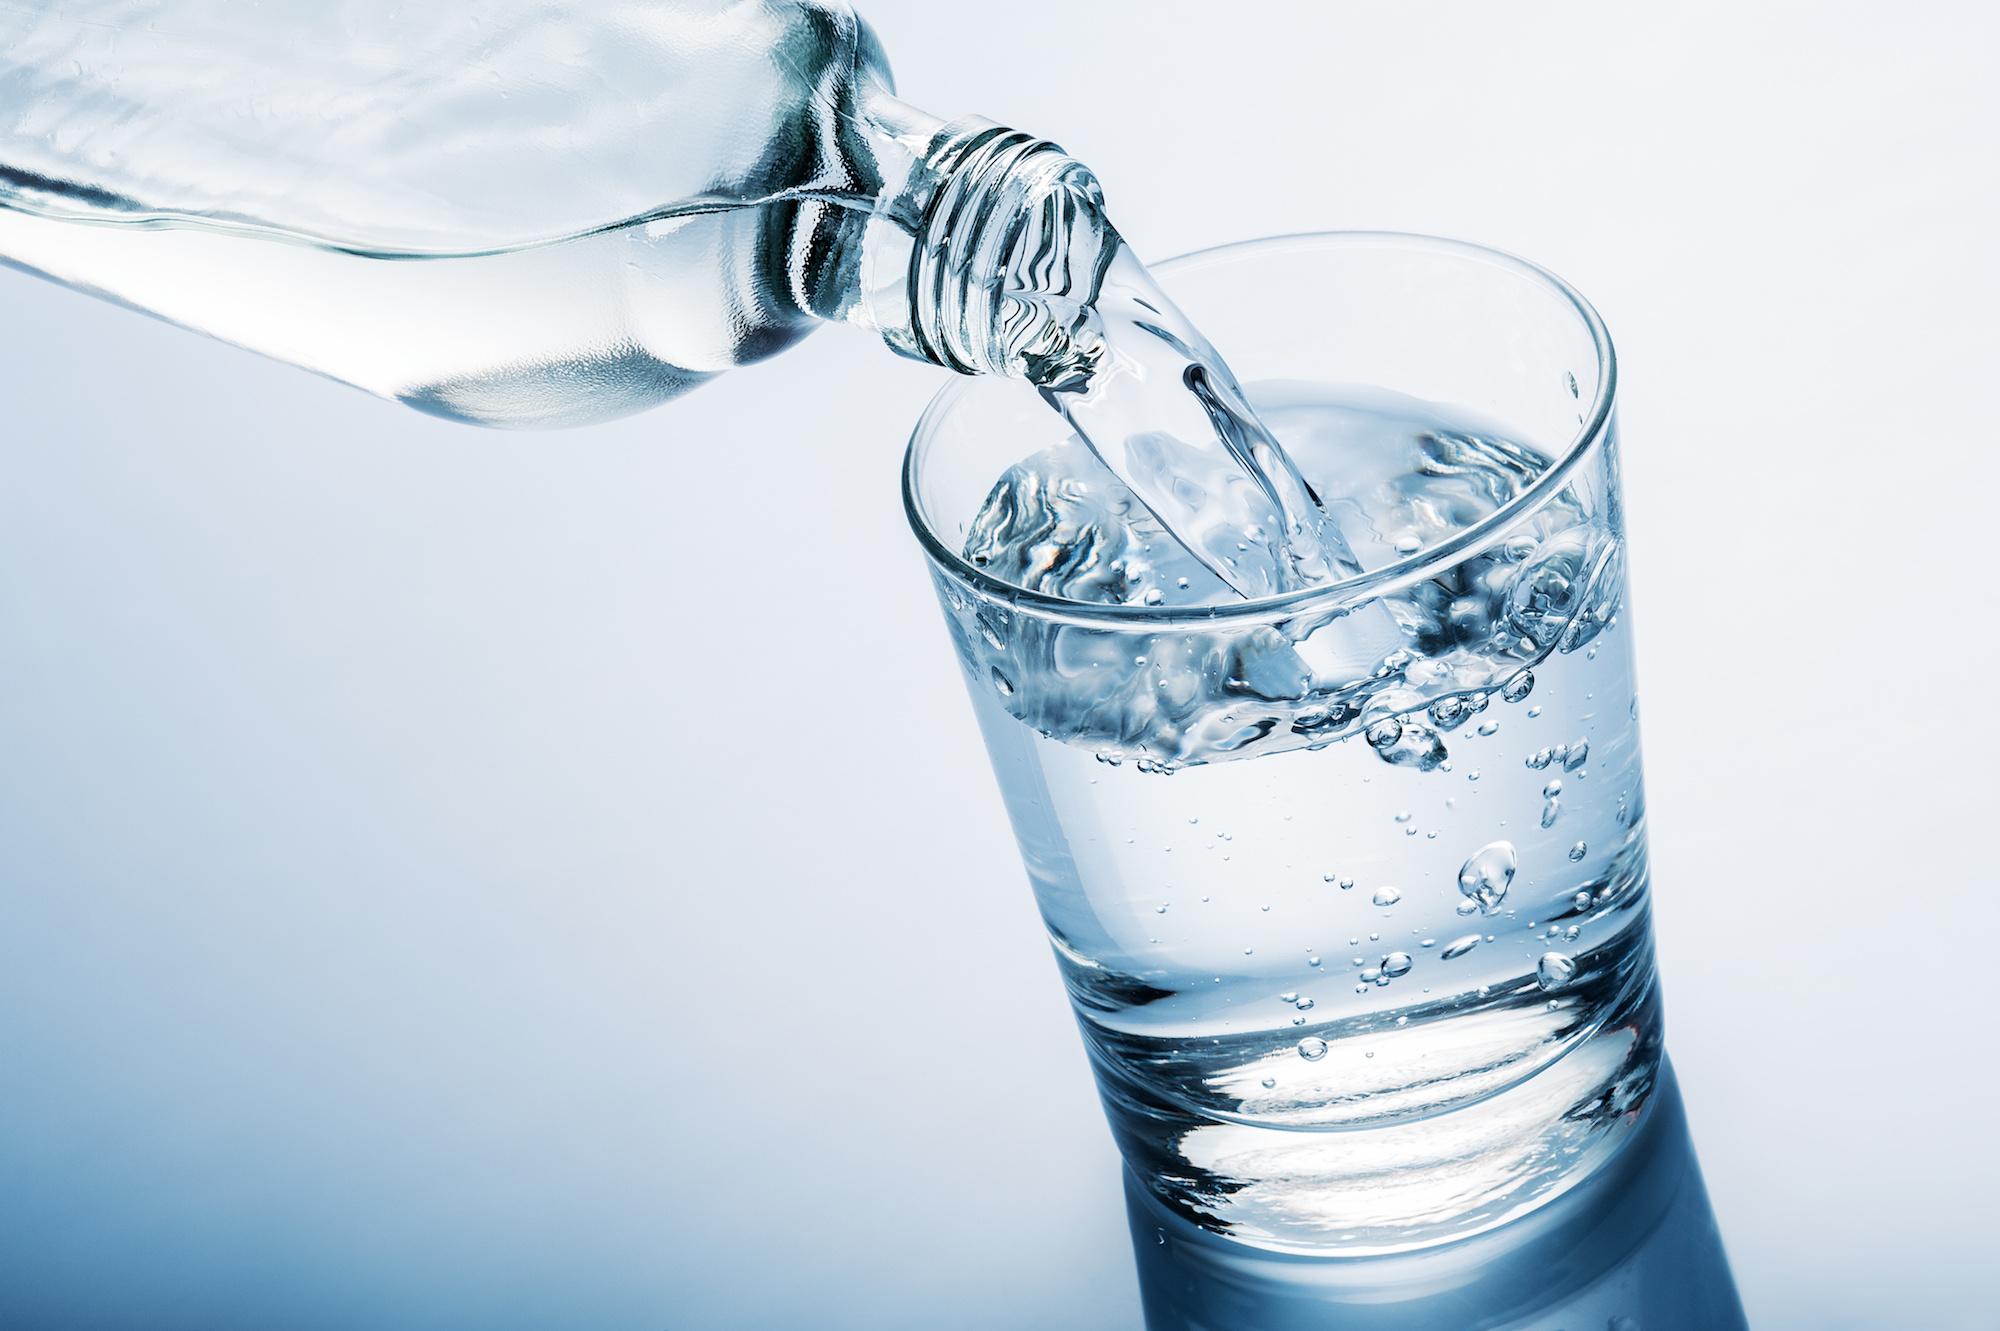 नुसतं पाणी पिणं कंटाळा येऊ शकतो. म्हणून त्यात लिंबू किंवा इतर फळांचे फ्लेव्हर टाका. मग पाणी प्यायलं जाईल.